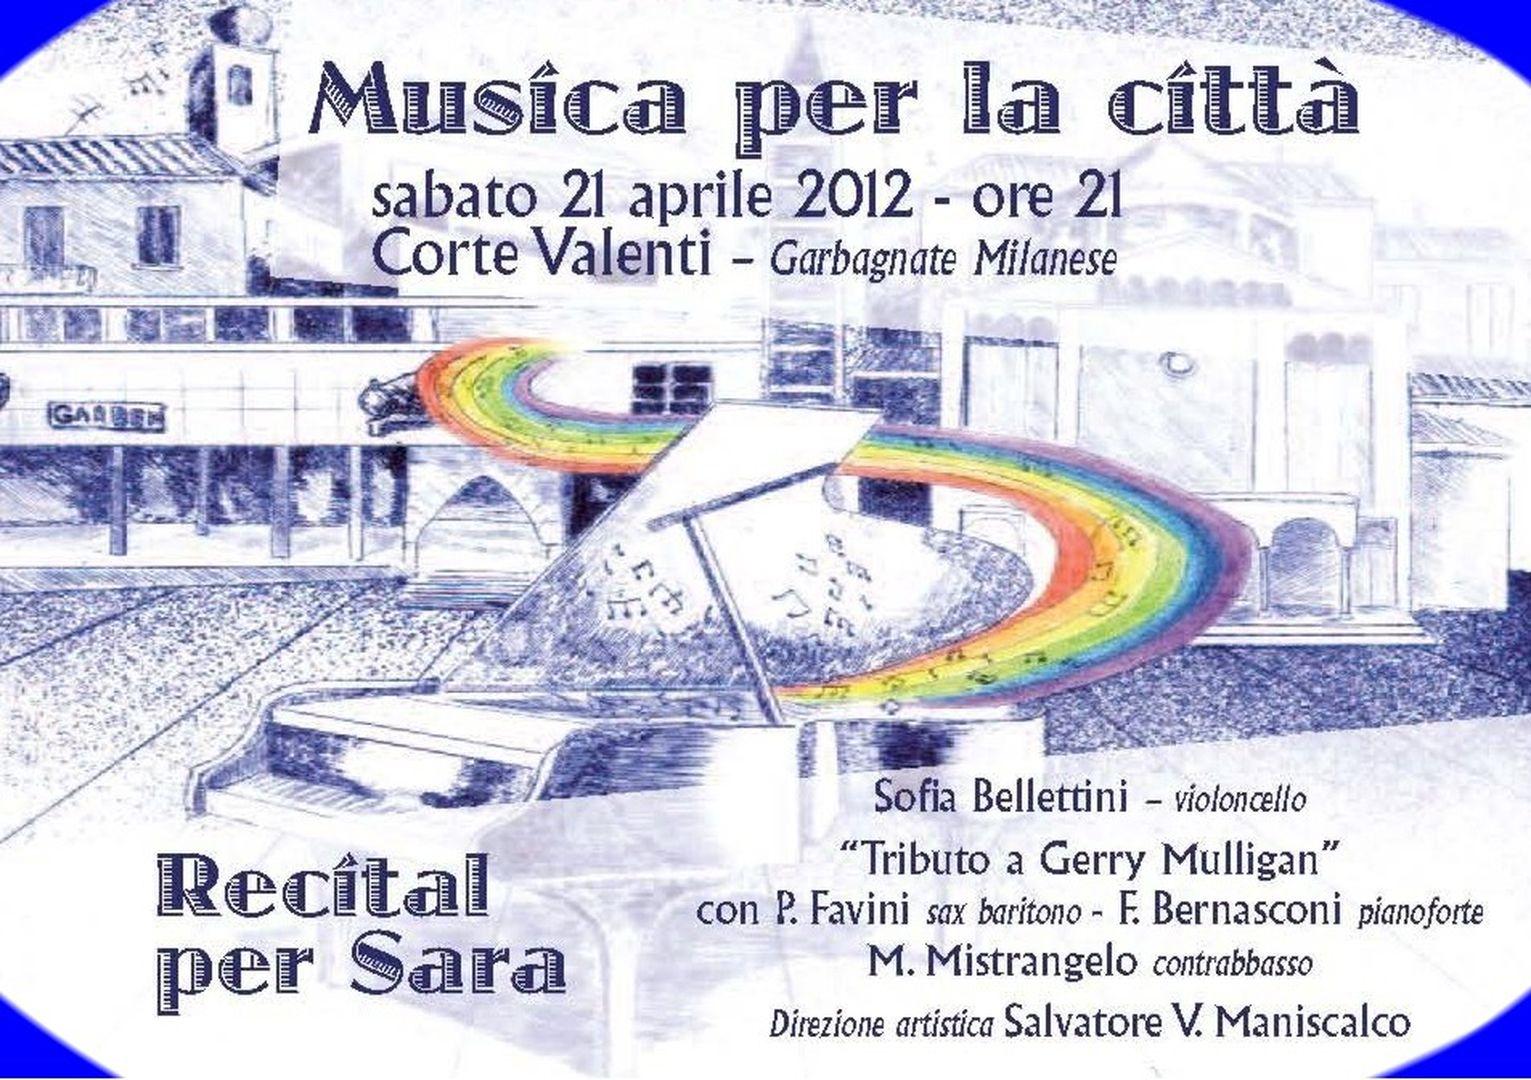 Recital per Sara 2012